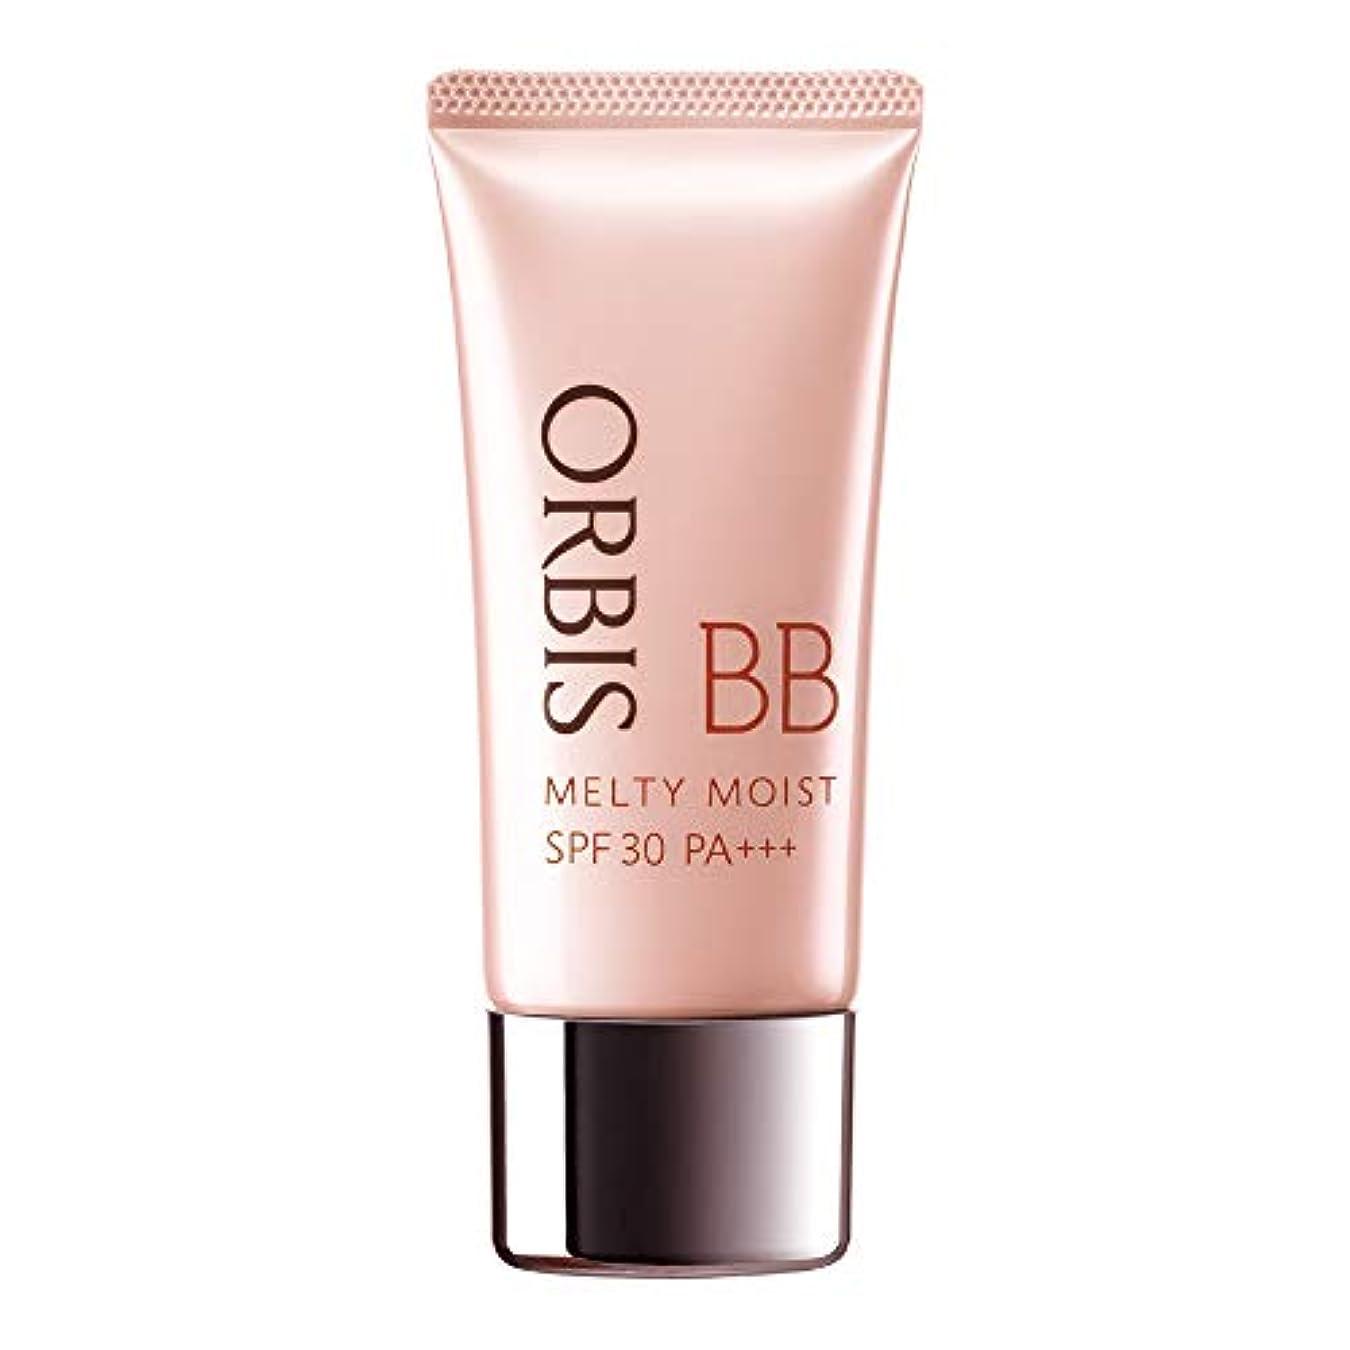 広告主ピンチ着陸オルビス(ORBIS) メルティーモイスト BB ナチュラル 35g ◎BBクリーム◎